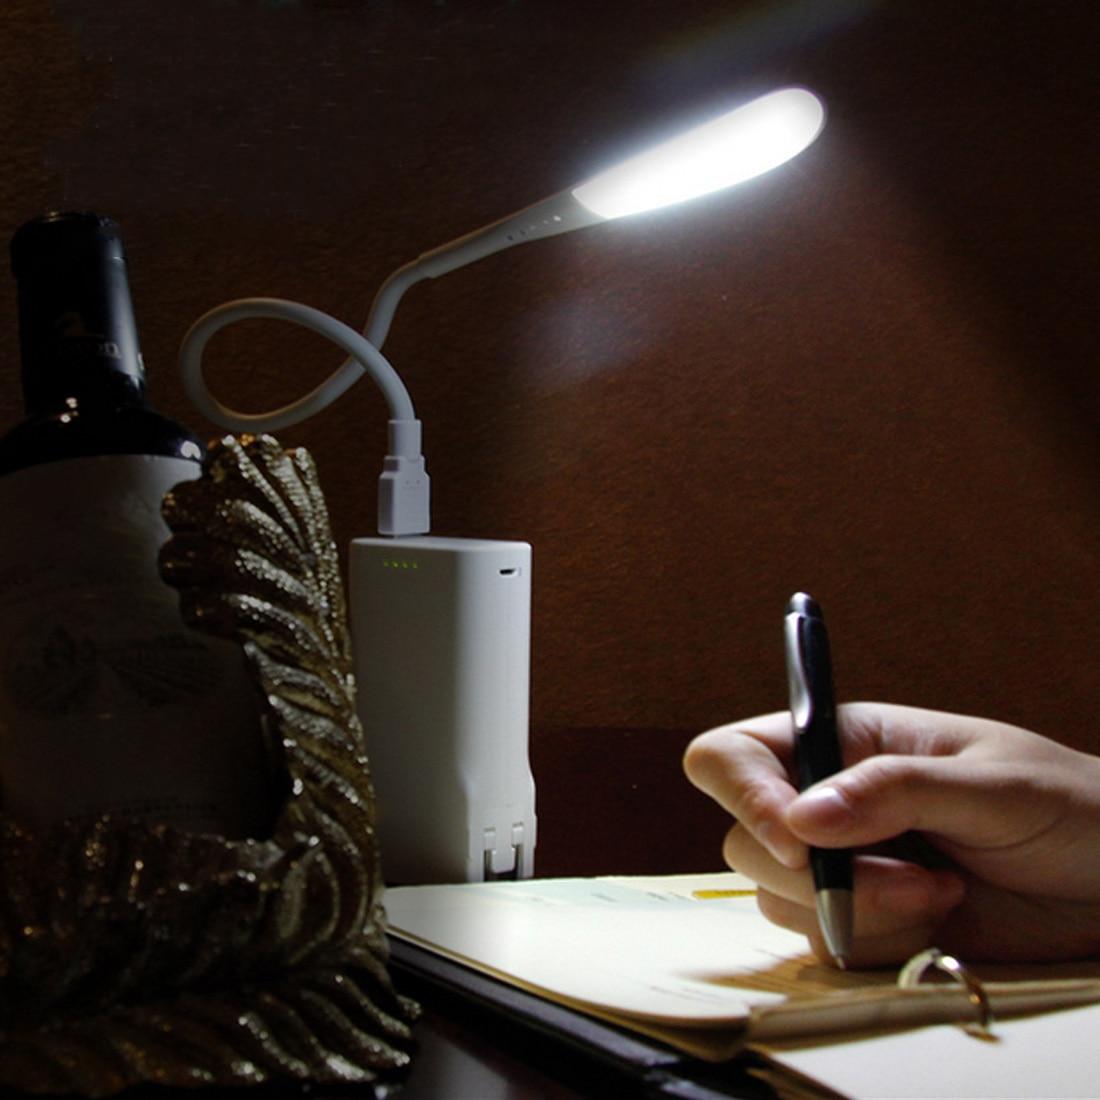 1 шт. новый гибкий светодиодный сенсорный USB ультра-яркий свет 14 светодиодный S Портативный Mini-USB светодиодный лампы для ноутбука тетрадь ком... ...